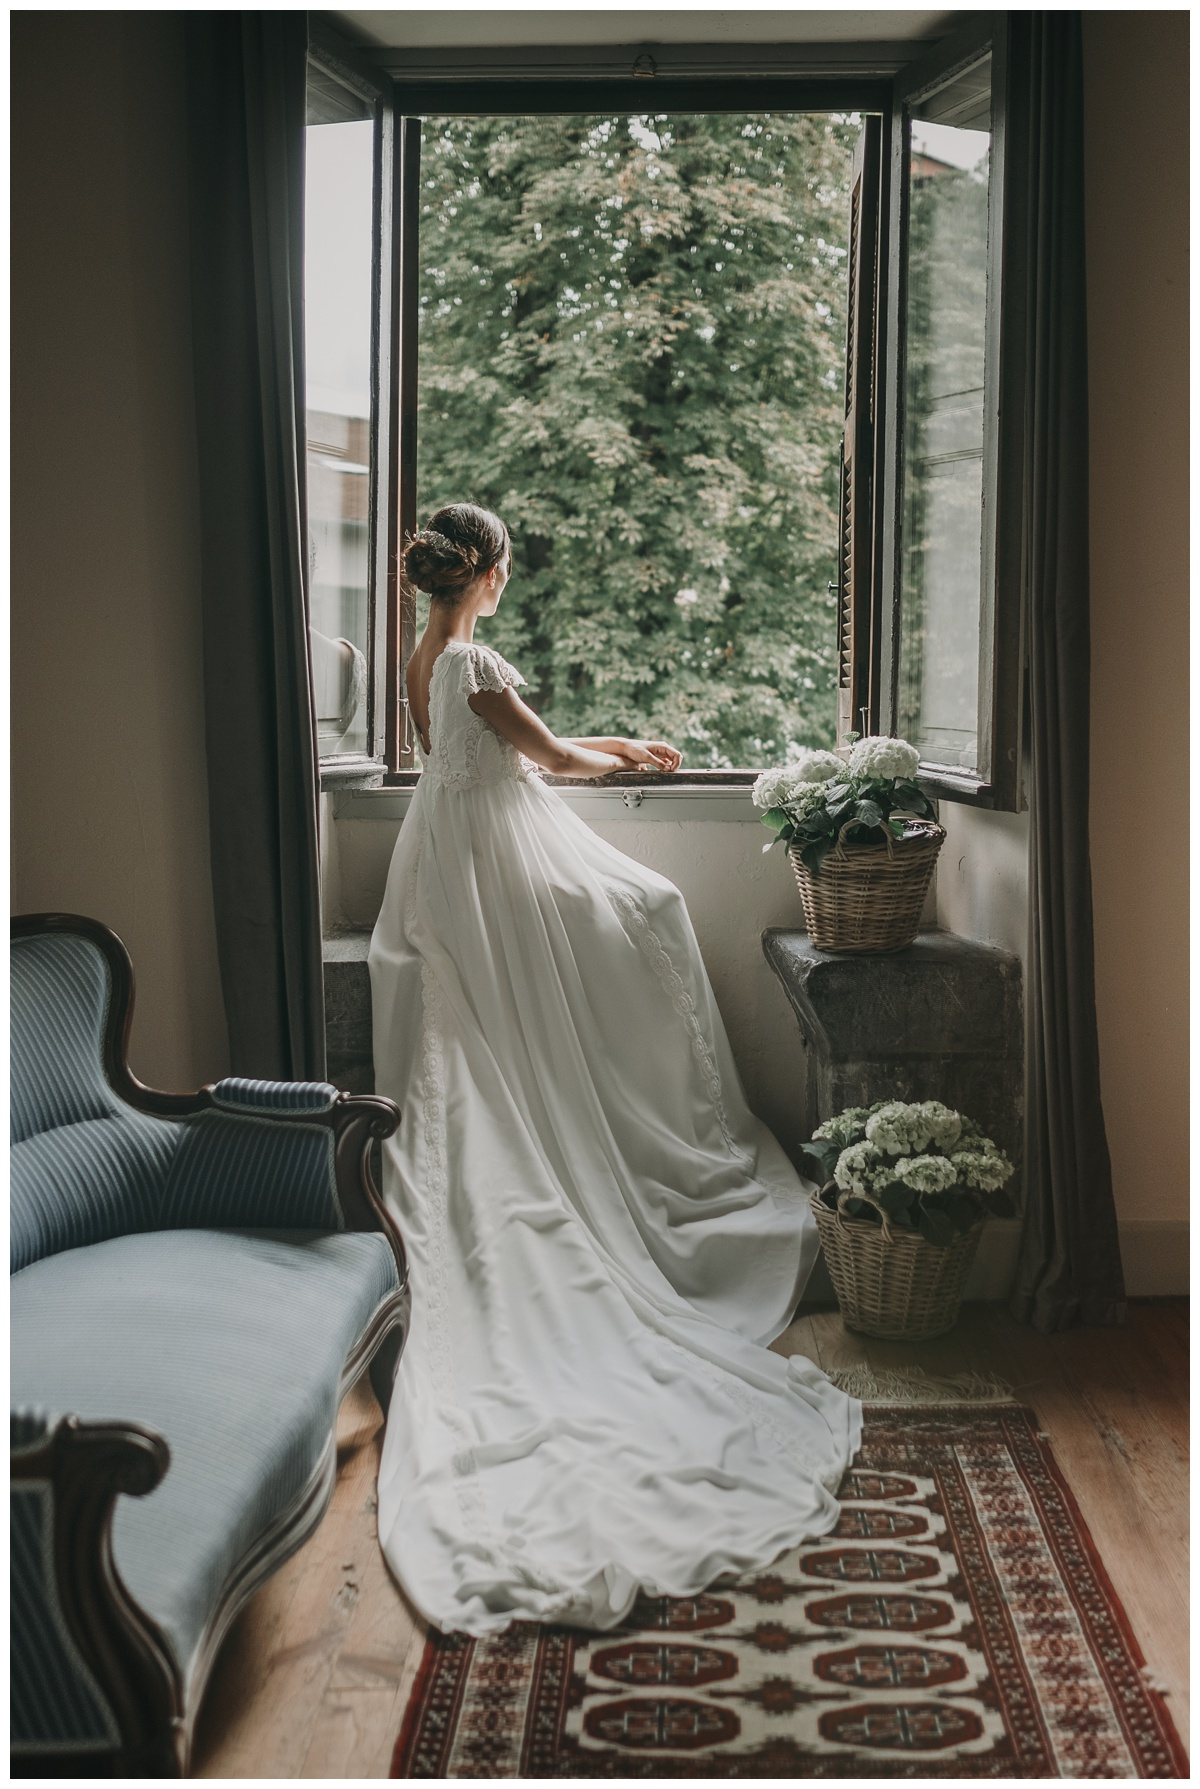 Fotografo_bodas_gipuzkoa_inhar mutiozabal_palacio_murguia_astigarraga_wedding_planner_reina_de_bodas_0016.jpg